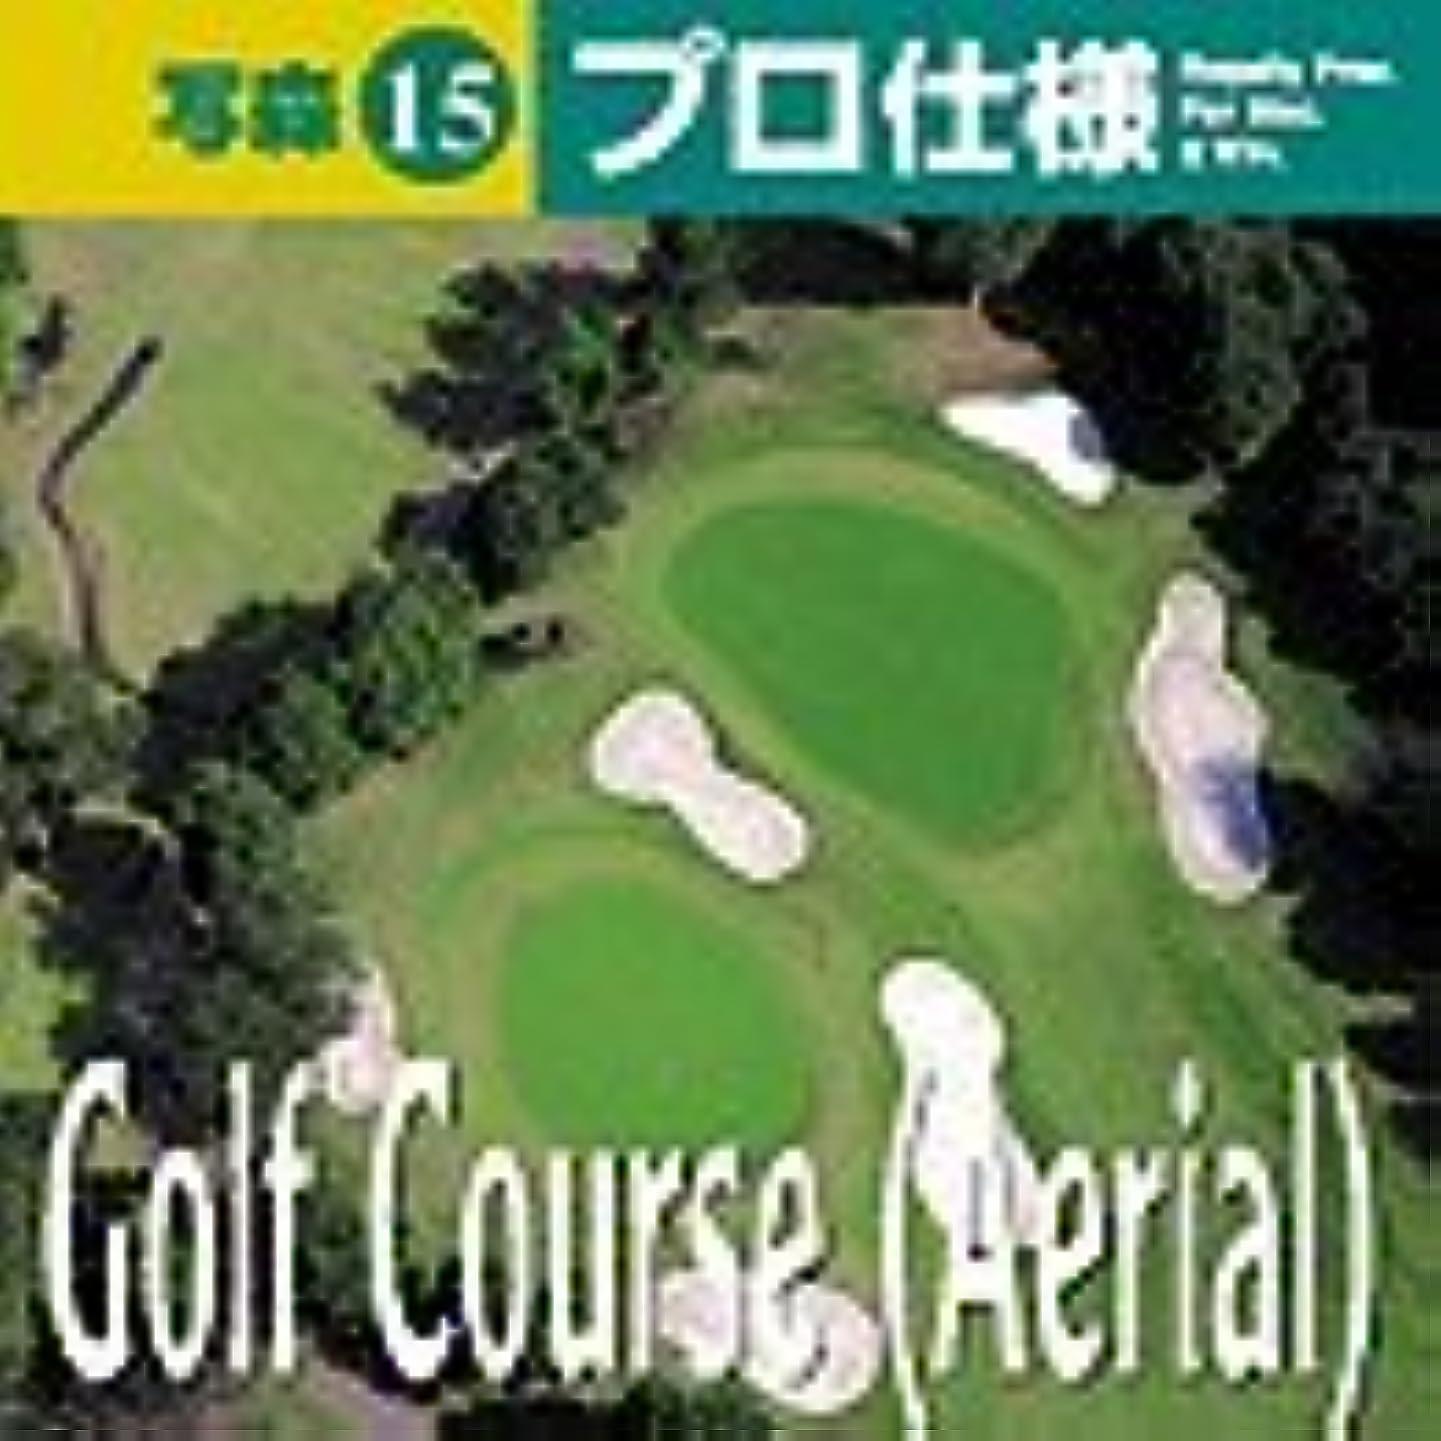 逃れる気づかないする写森プロ仕様 Vol.15 Golf Course (Aerial)